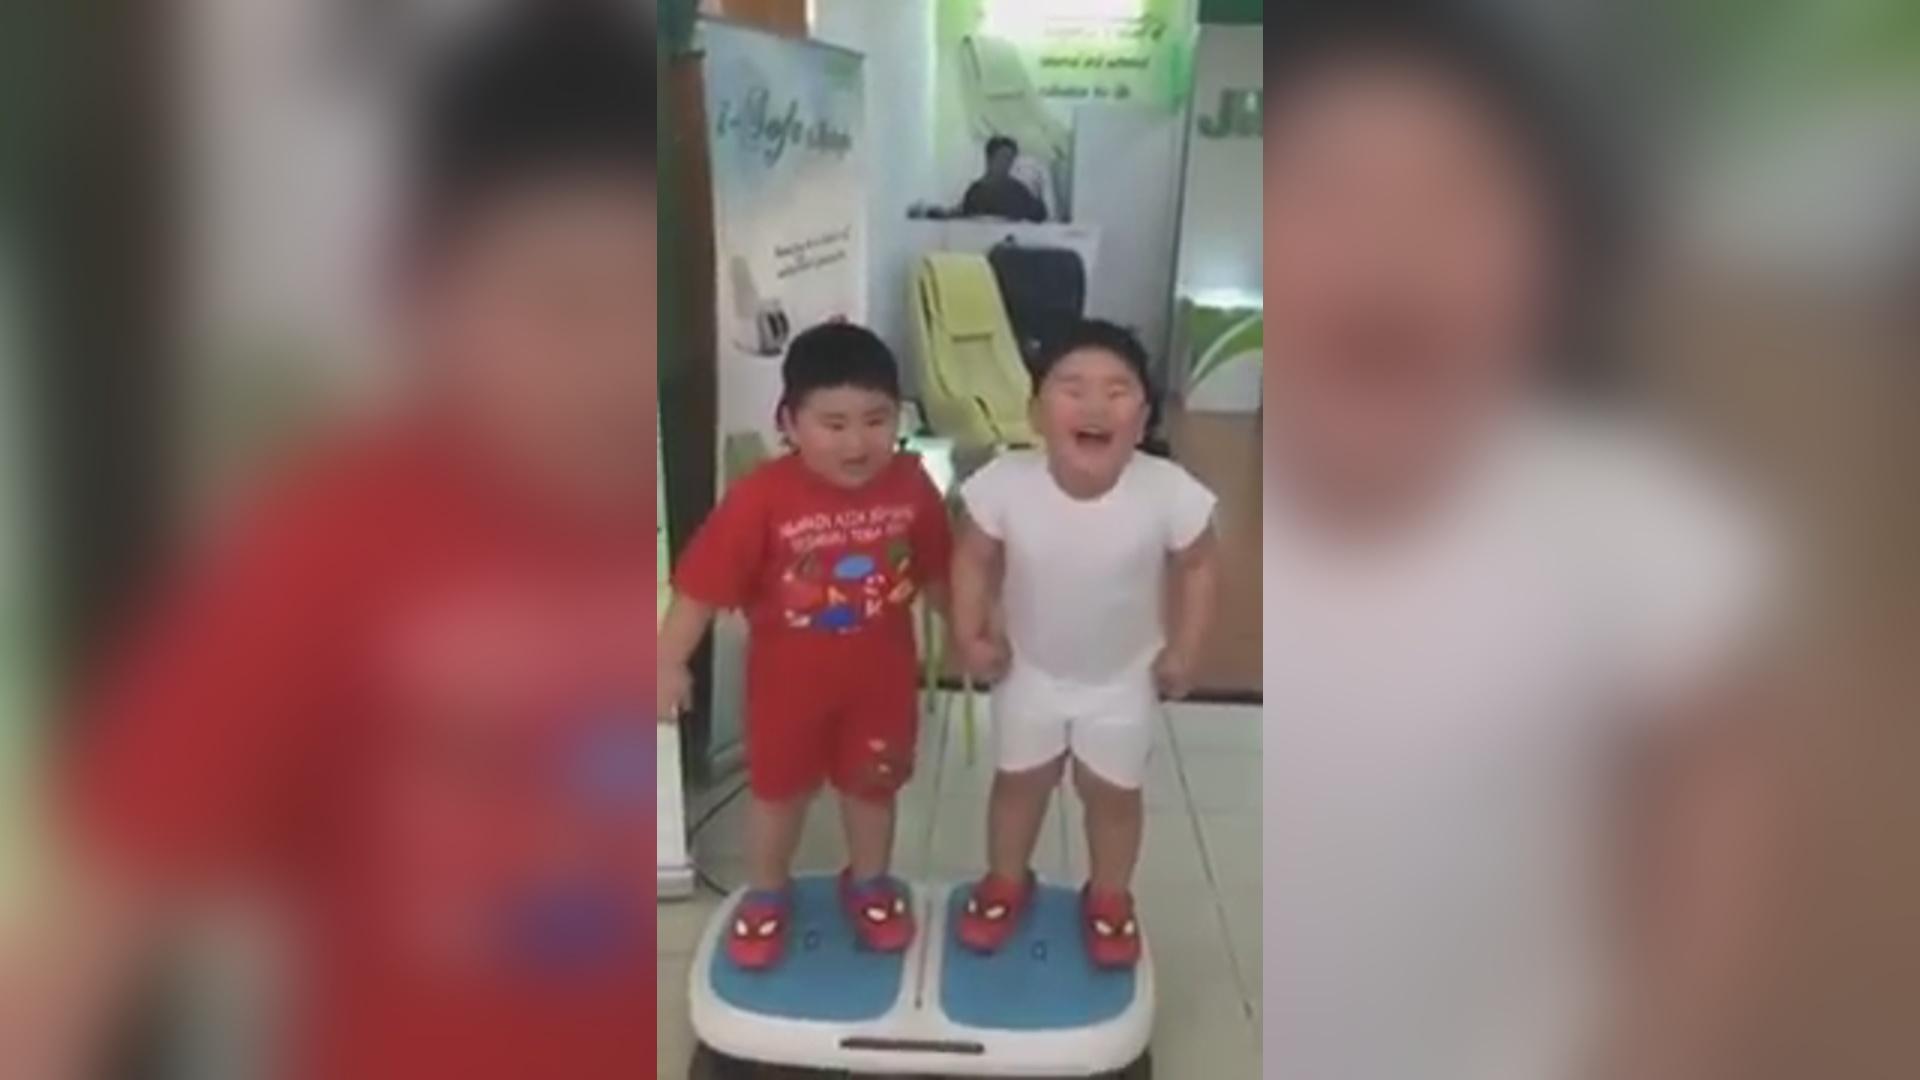 有趣的短视频 ZoominTV 搞笑胖娃玩减肥振动器~